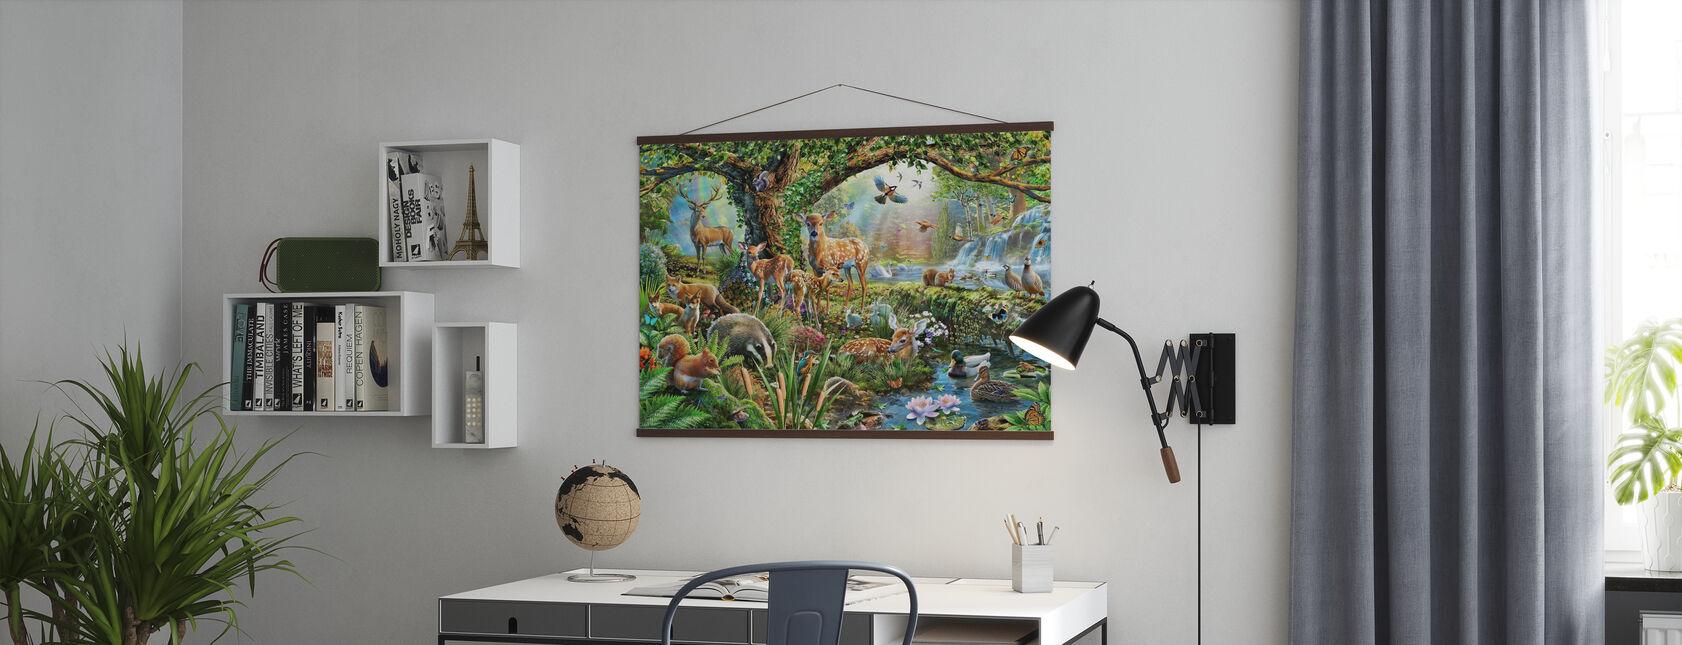 Skogsmark varelser - Poster - Kontor